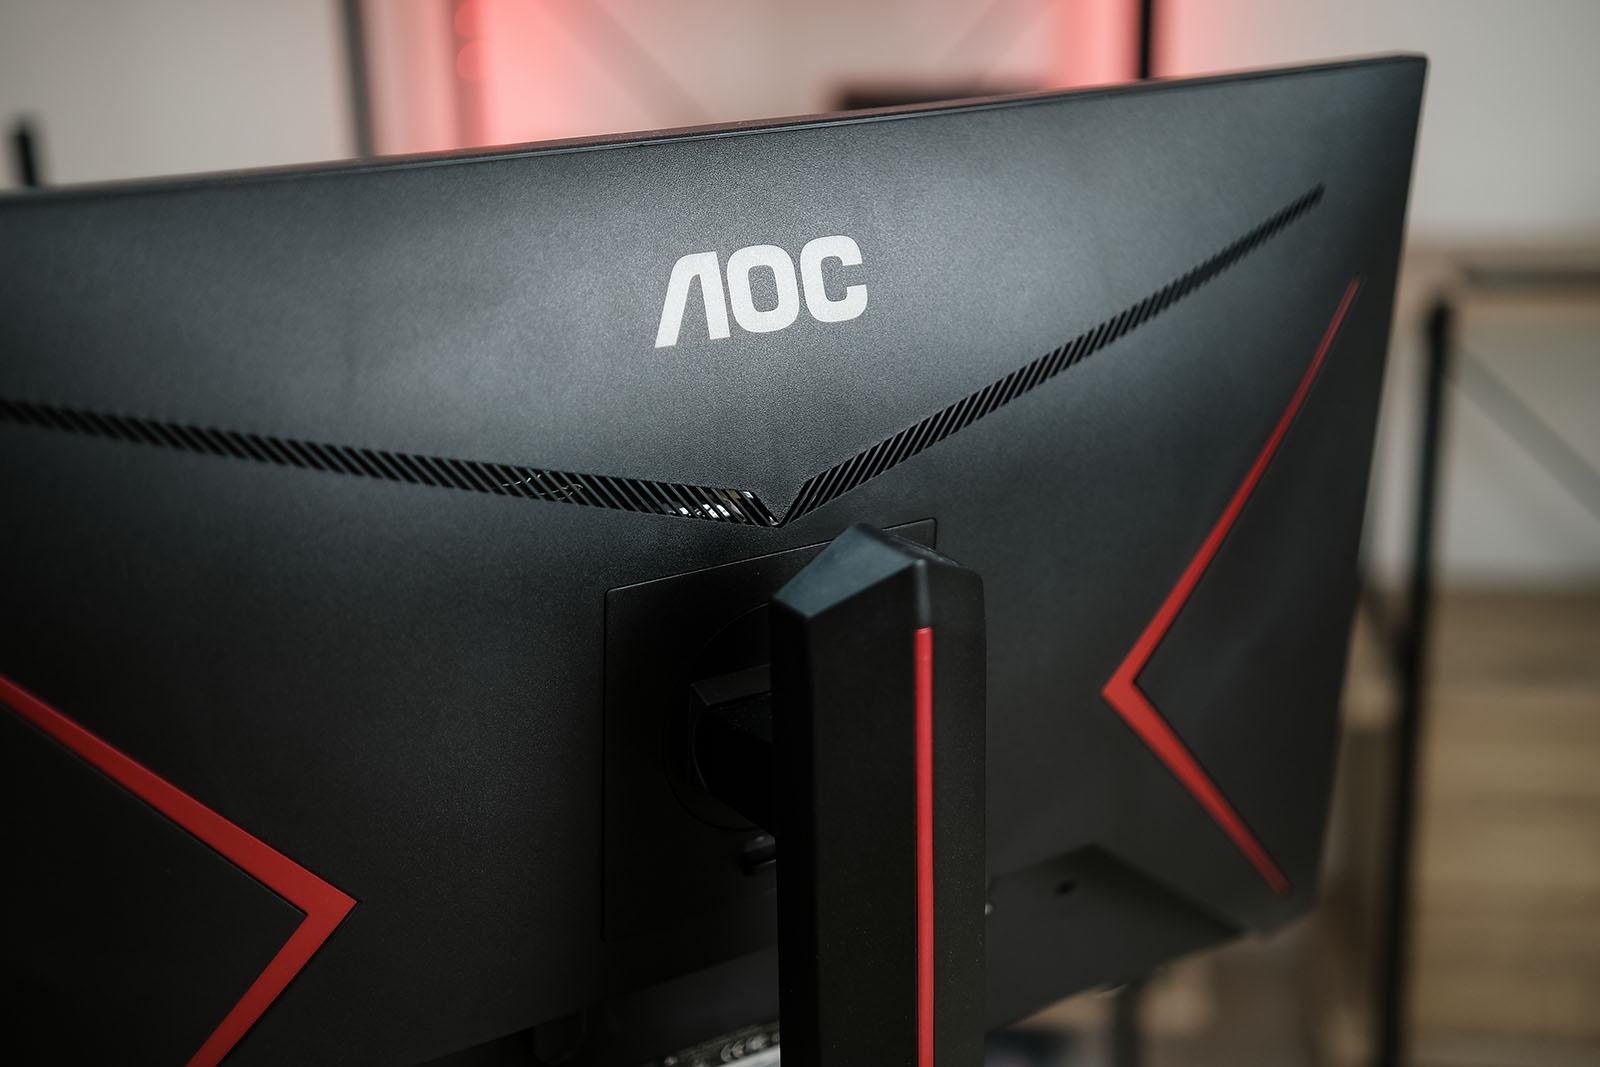 Обзор АОС 27G2U: доступный игровой монитор с поддержкой 144 Гц